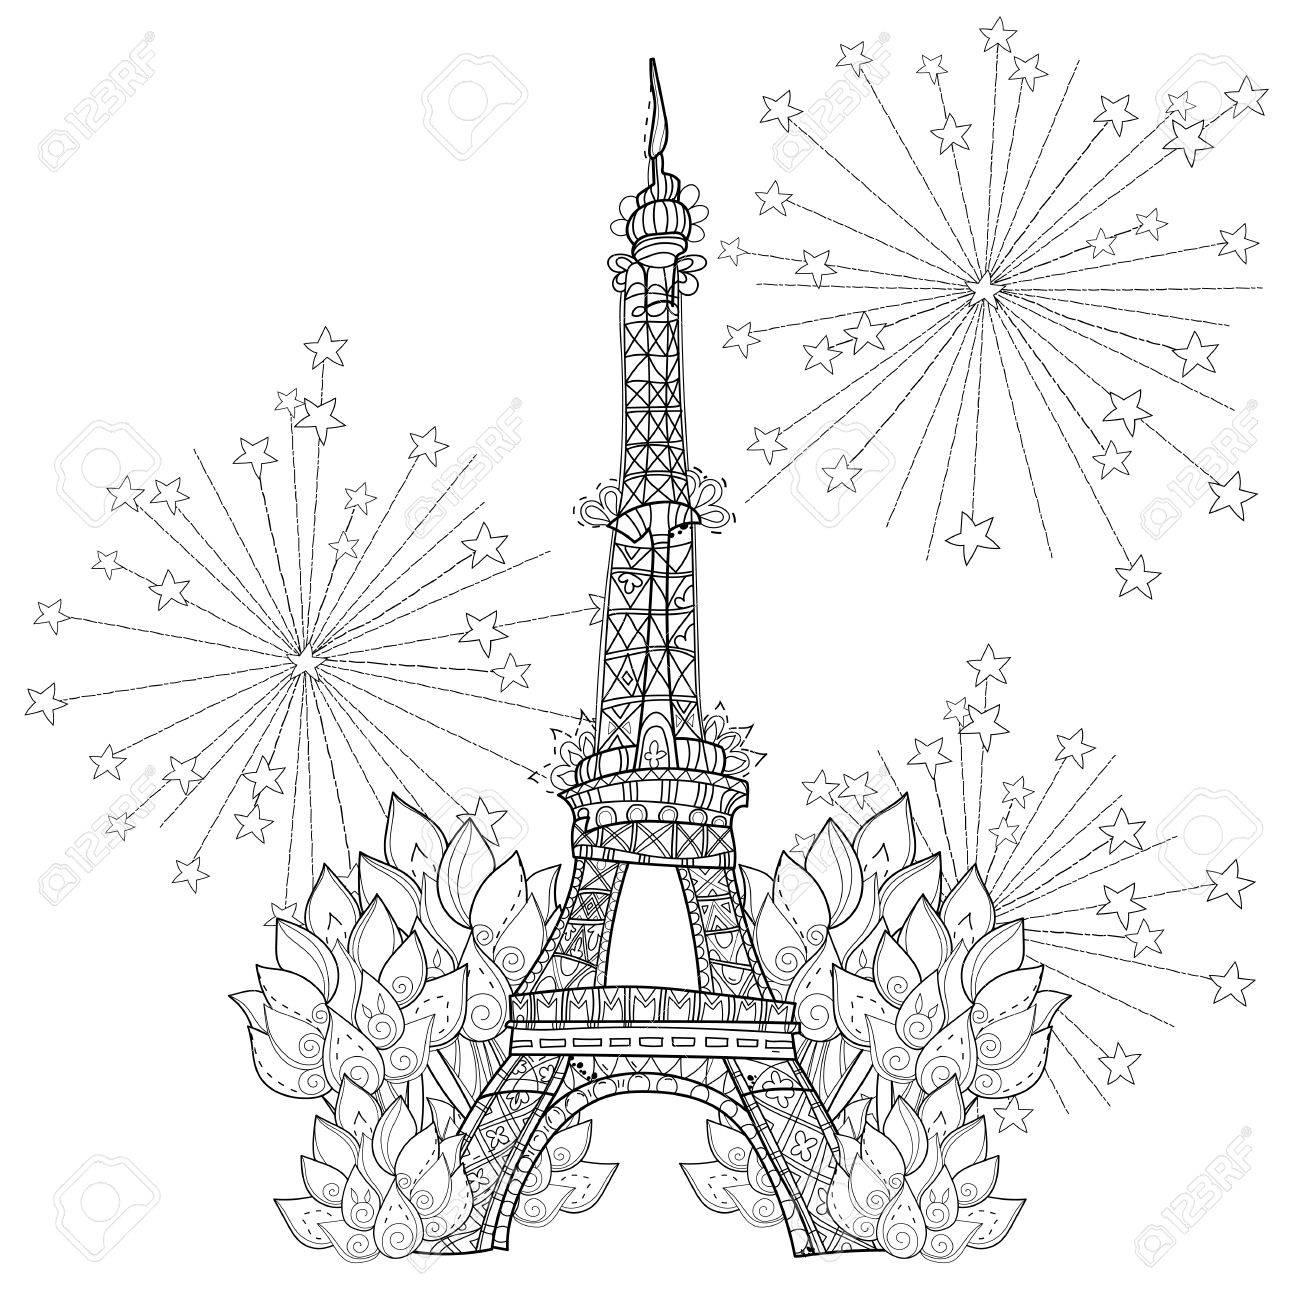 Fein Frankreich Eiffelturm Malvorlagen Ideen - Entry Level Resume ...